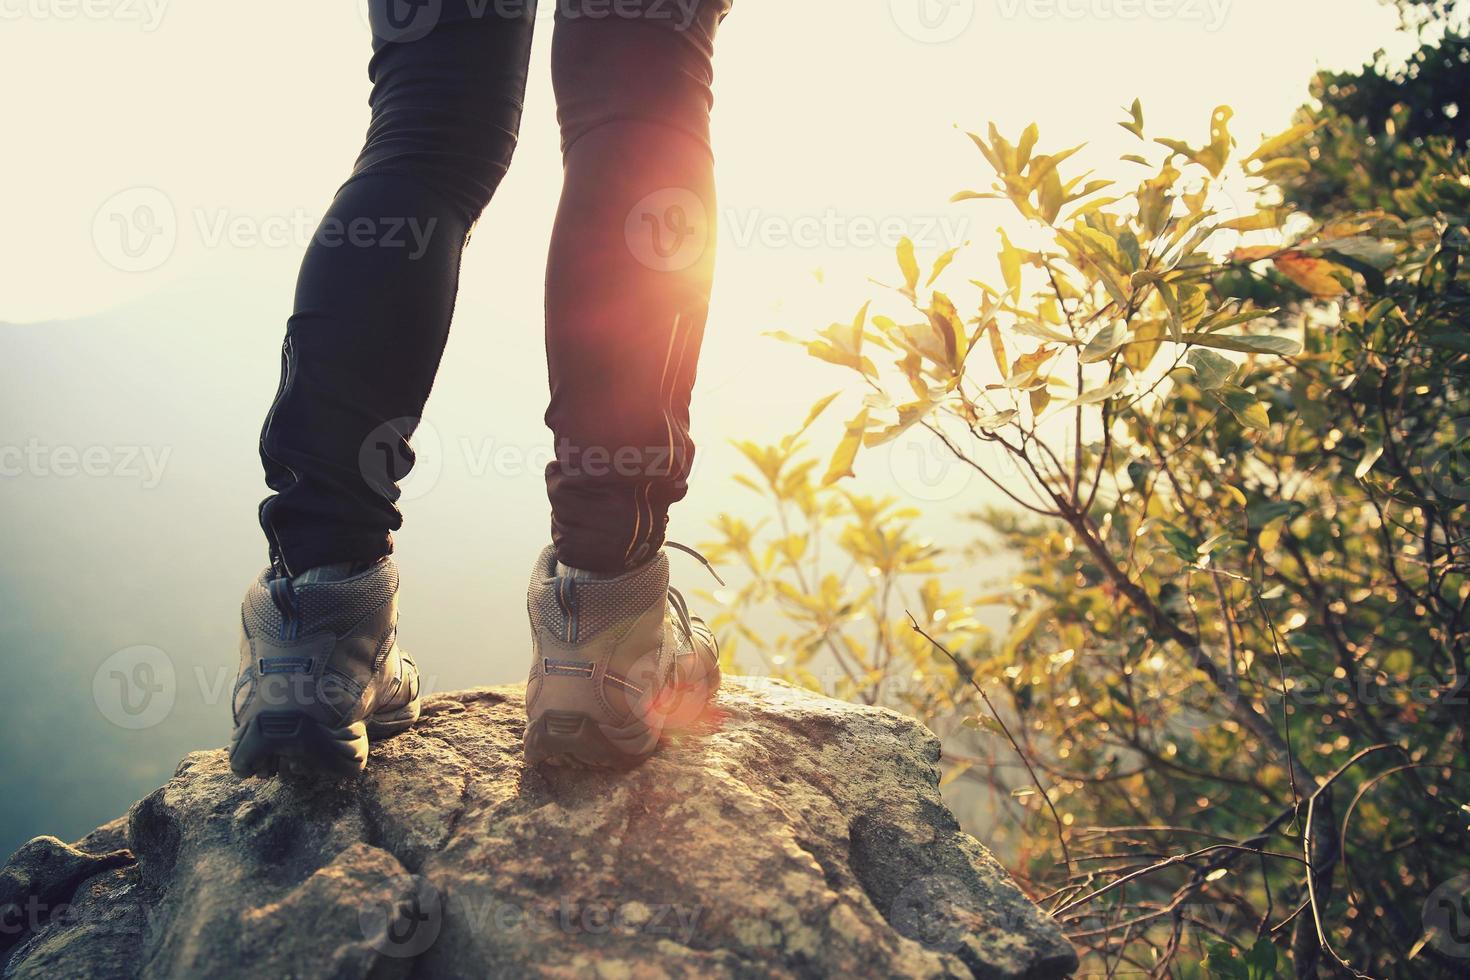 joven excursionista de pie en el pico de la montaña del amanecer foto